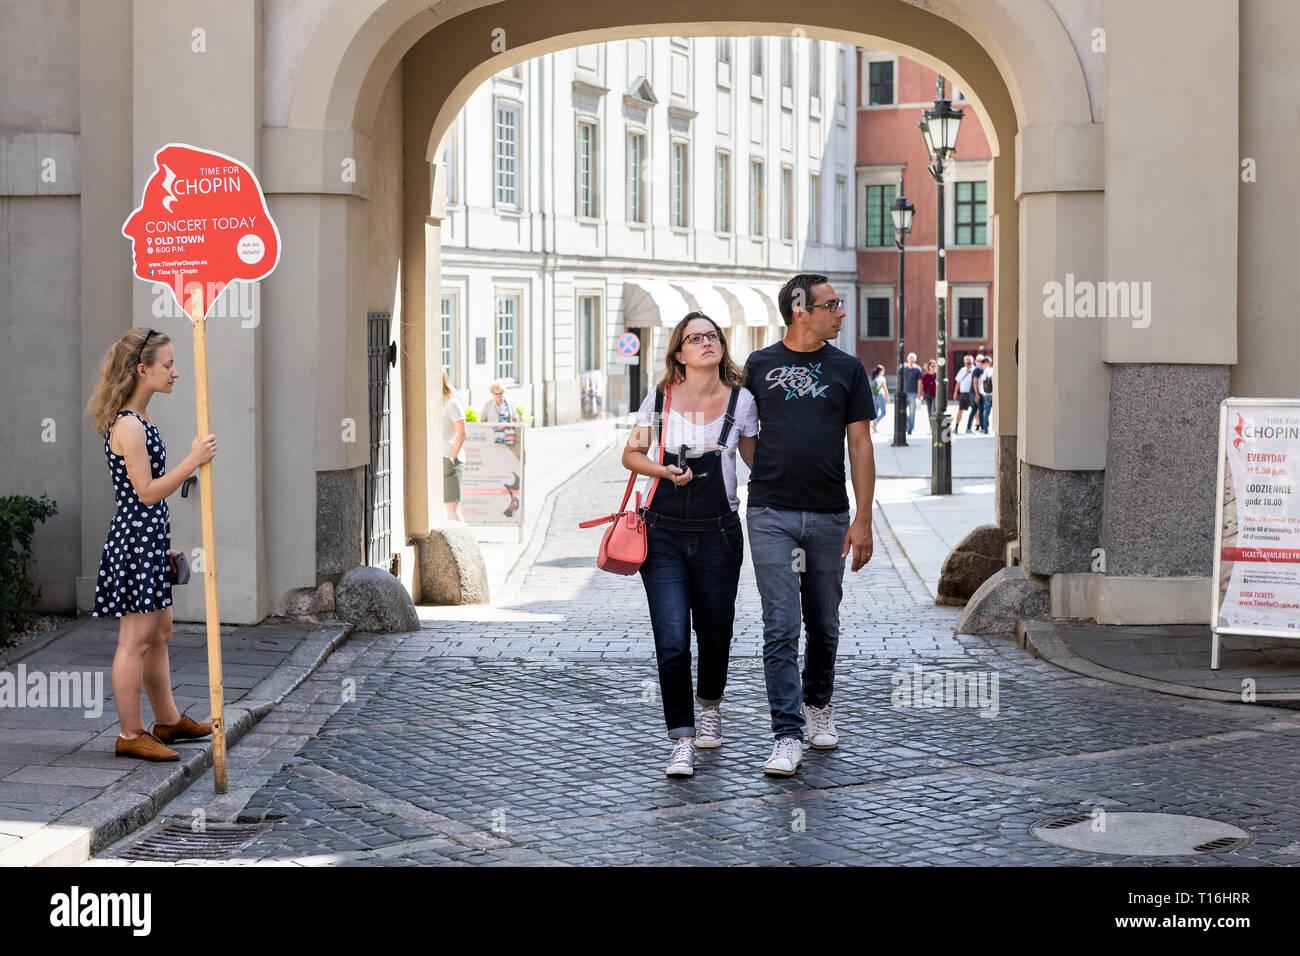 Varsovia, Polonia - Agosto 23, 2018: Street, cerca de la plaza de la ciudad vieja con la ciudad histórica arquitectura y forma de arco con la pareja caminar, mujer sosteniendo Chopin c Imagen De Stock